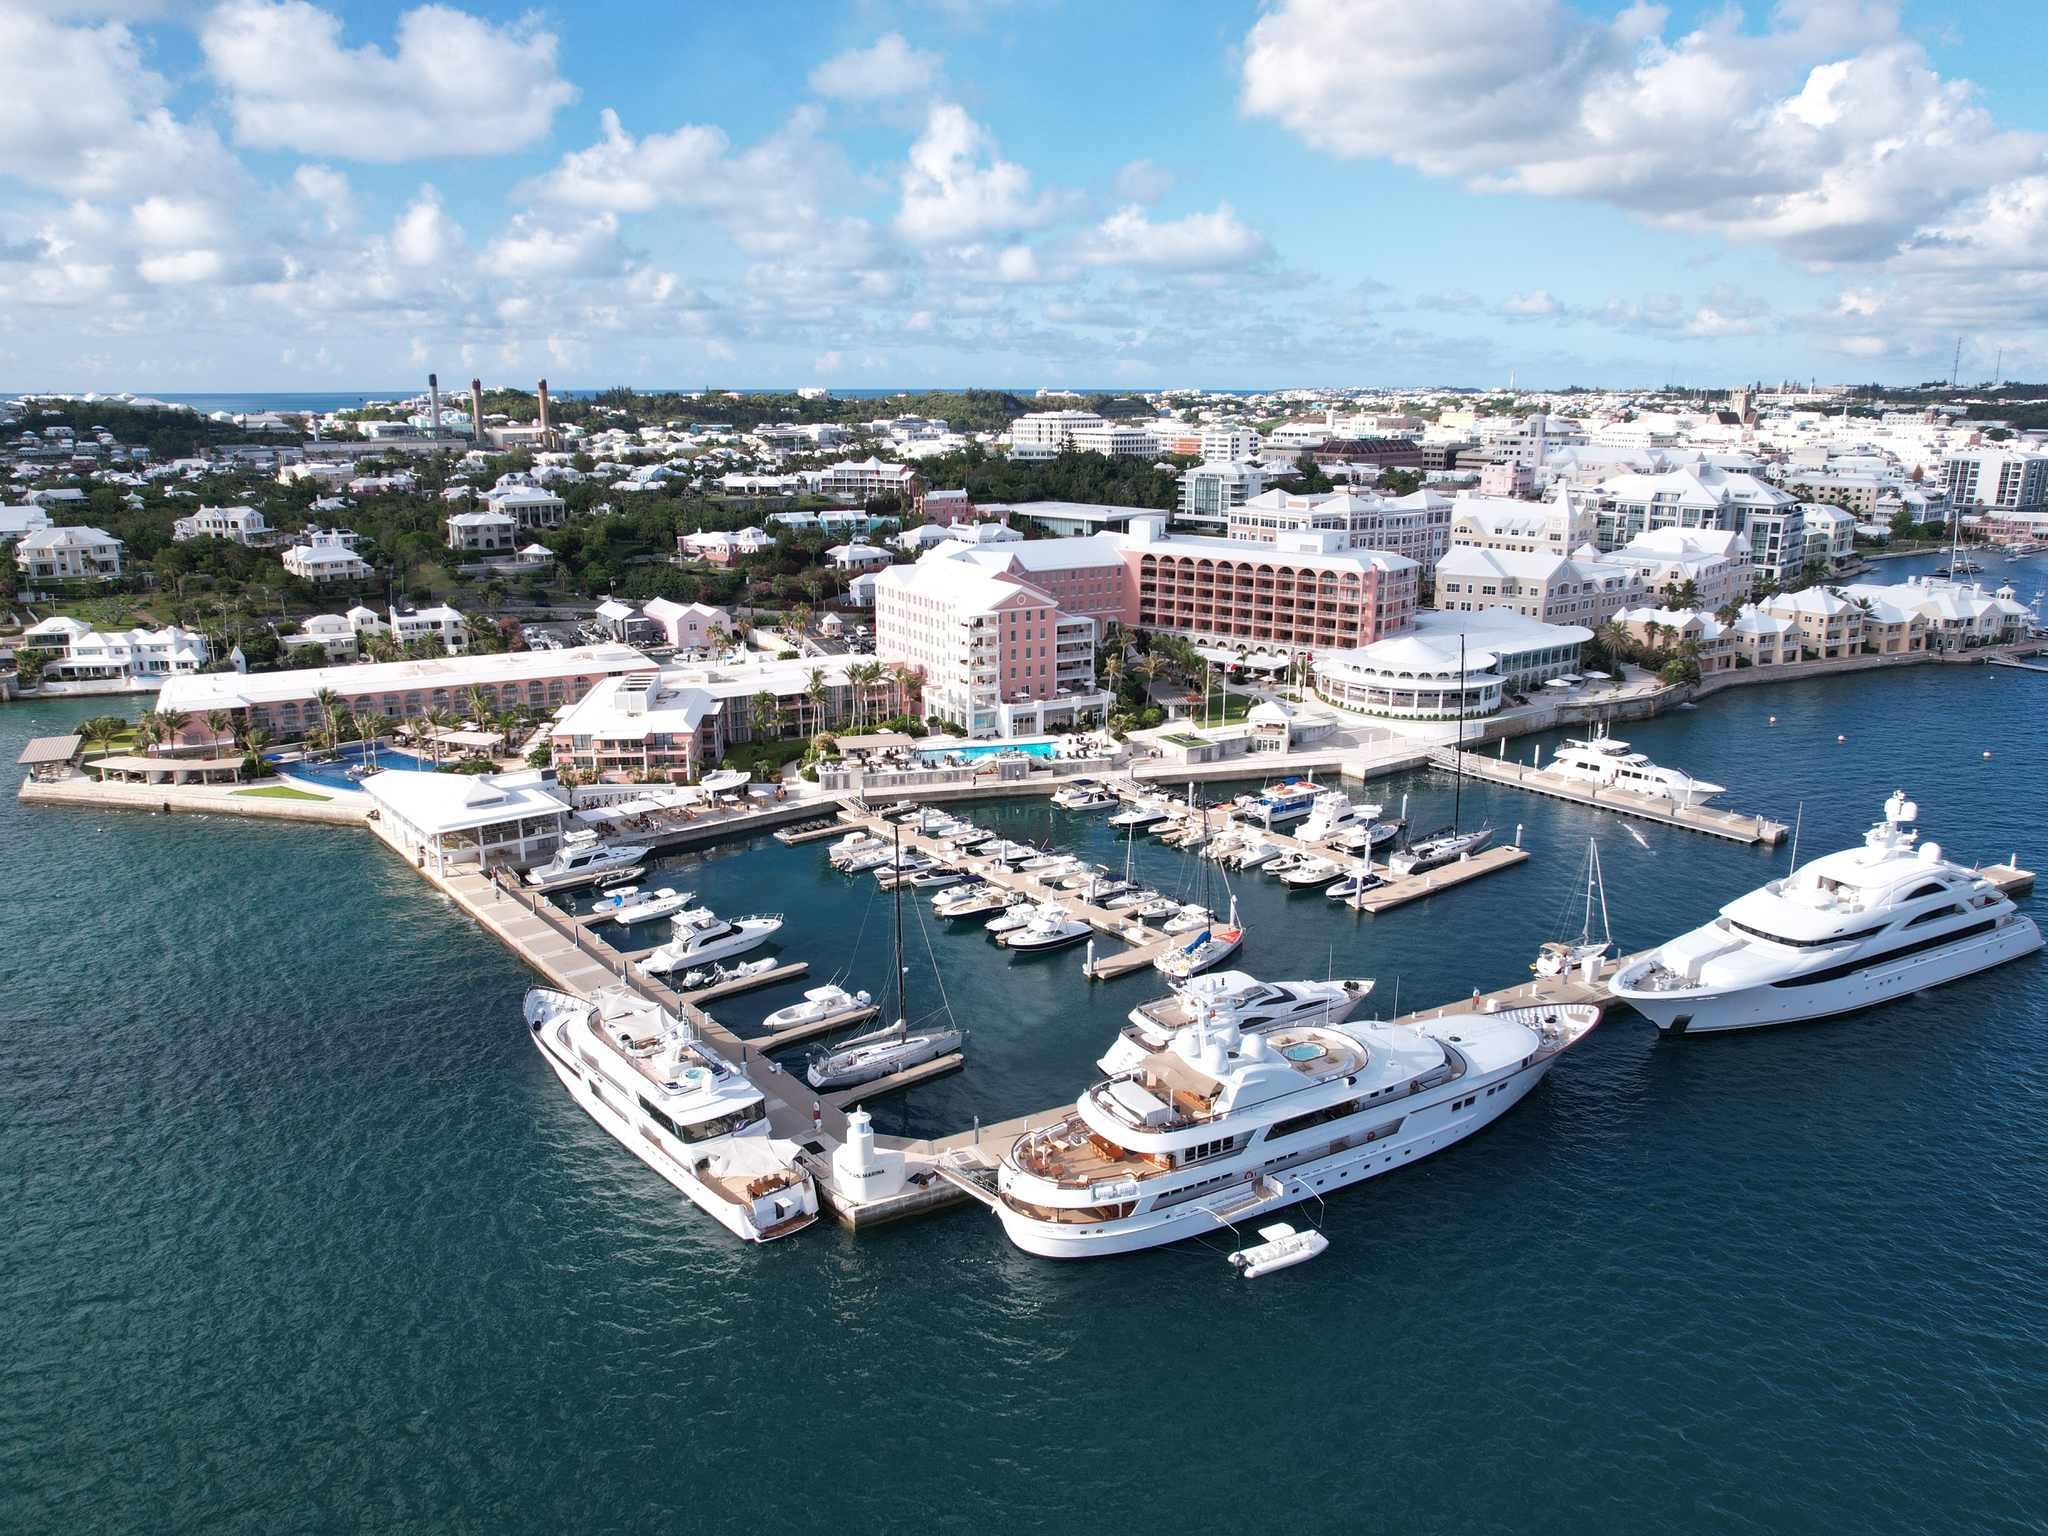 Otel – Hamilton Princess & Beach Club - A Fairmont Managed Hotel